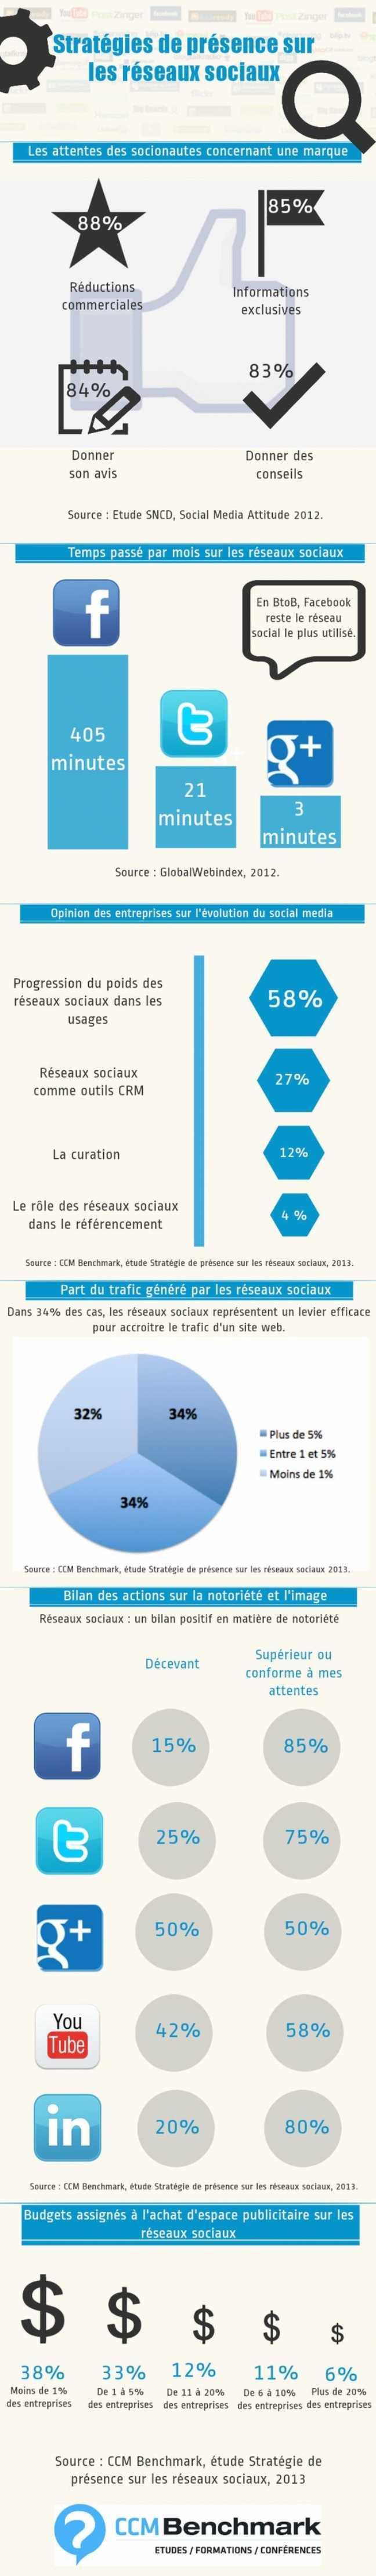 Stratégie de présence sur les réseaux sociaux en 2013